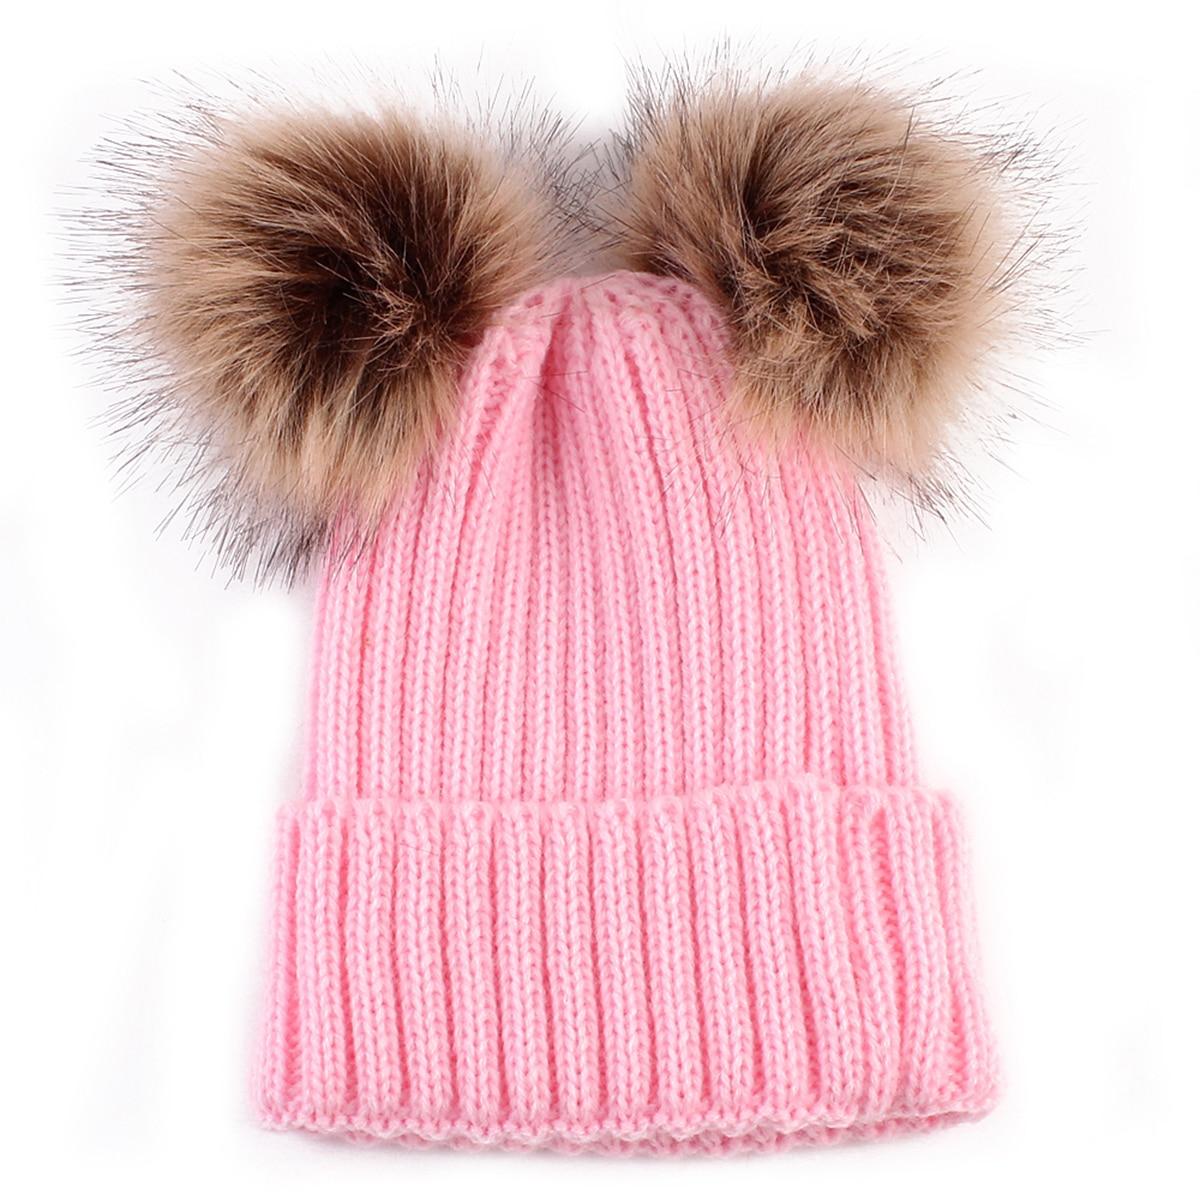 Bebé niño niña invierno cálido sombrero de invierno Bebé sombrero ... e9d039064c3